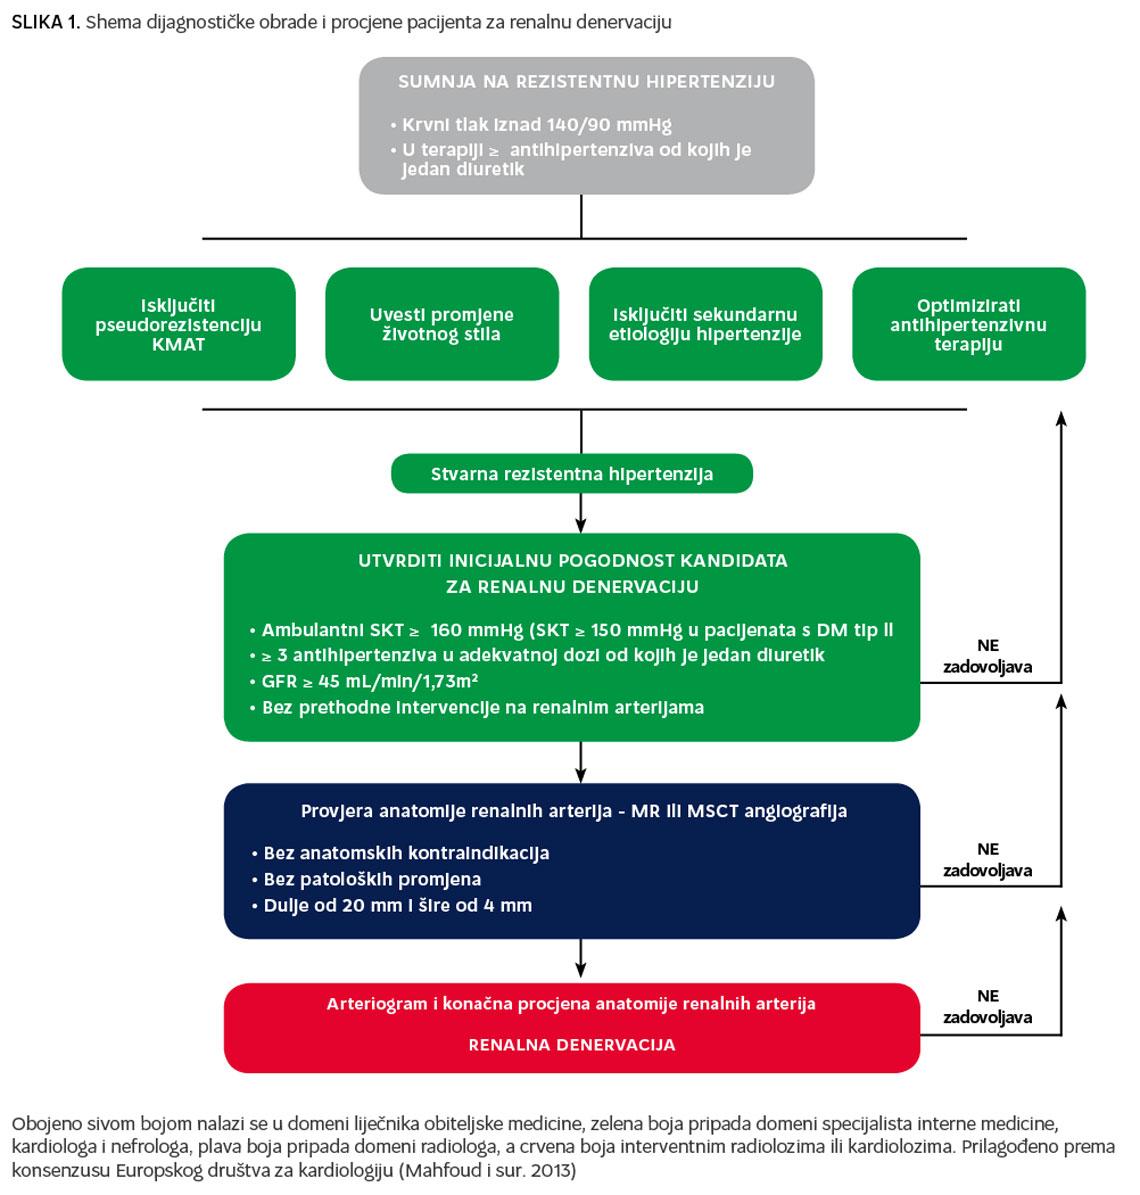 hipertenzija istraživački radovi